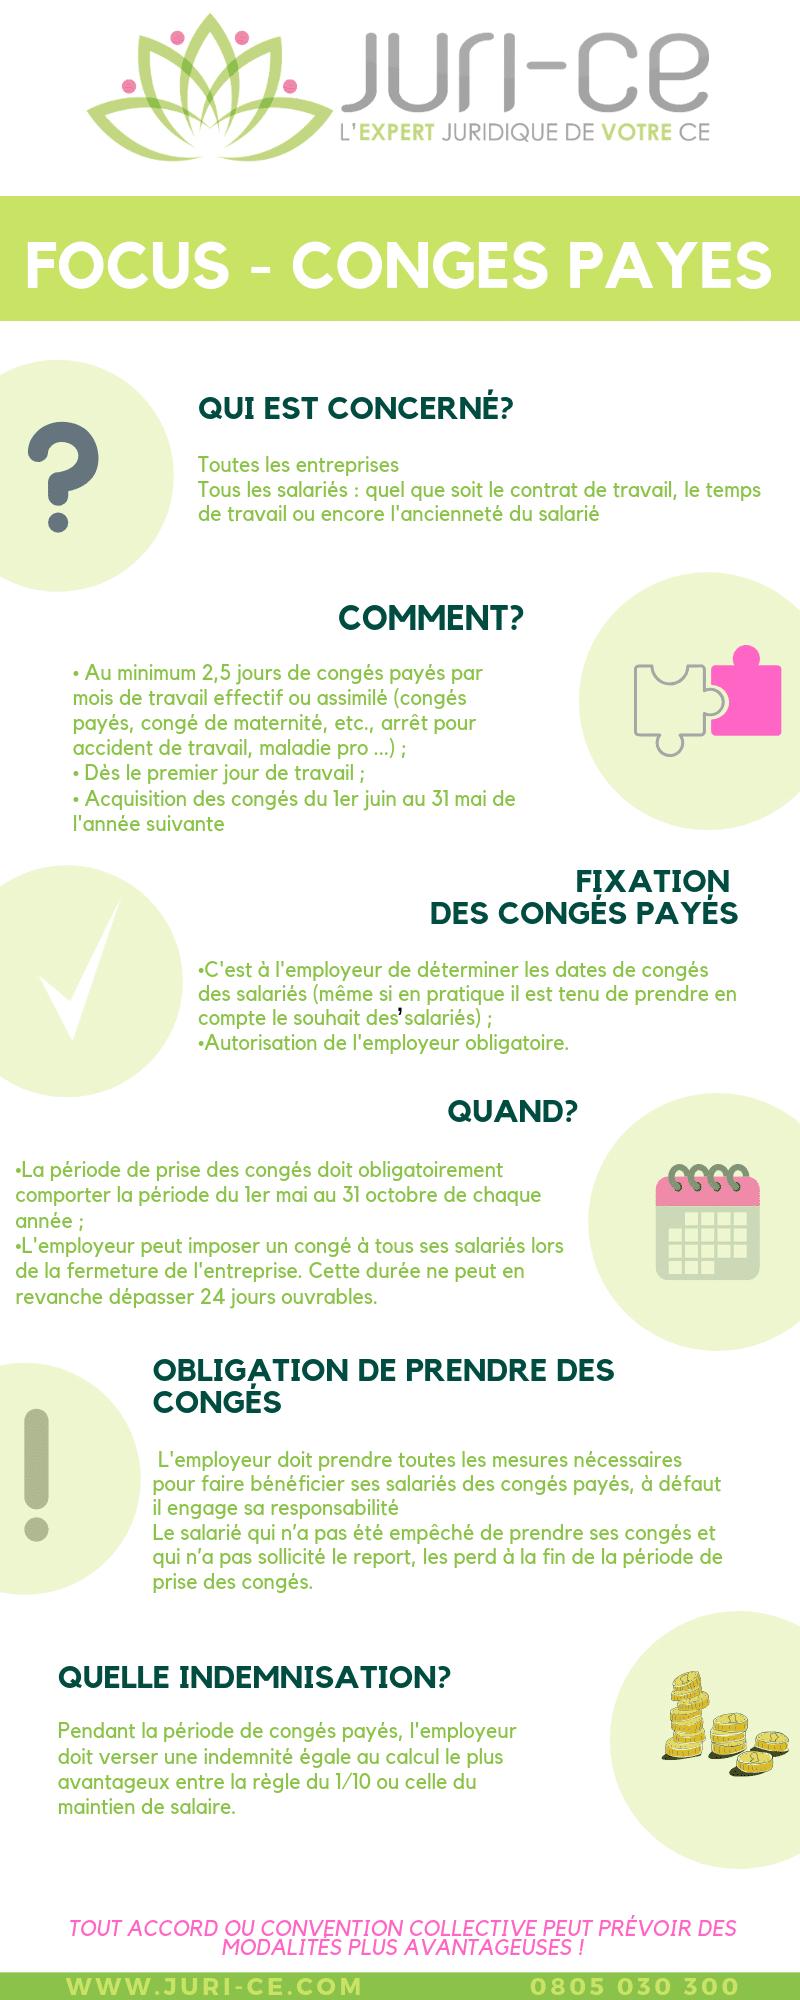 focus-conges-payes-1 FOCUS – CONGÉS PAYÉS